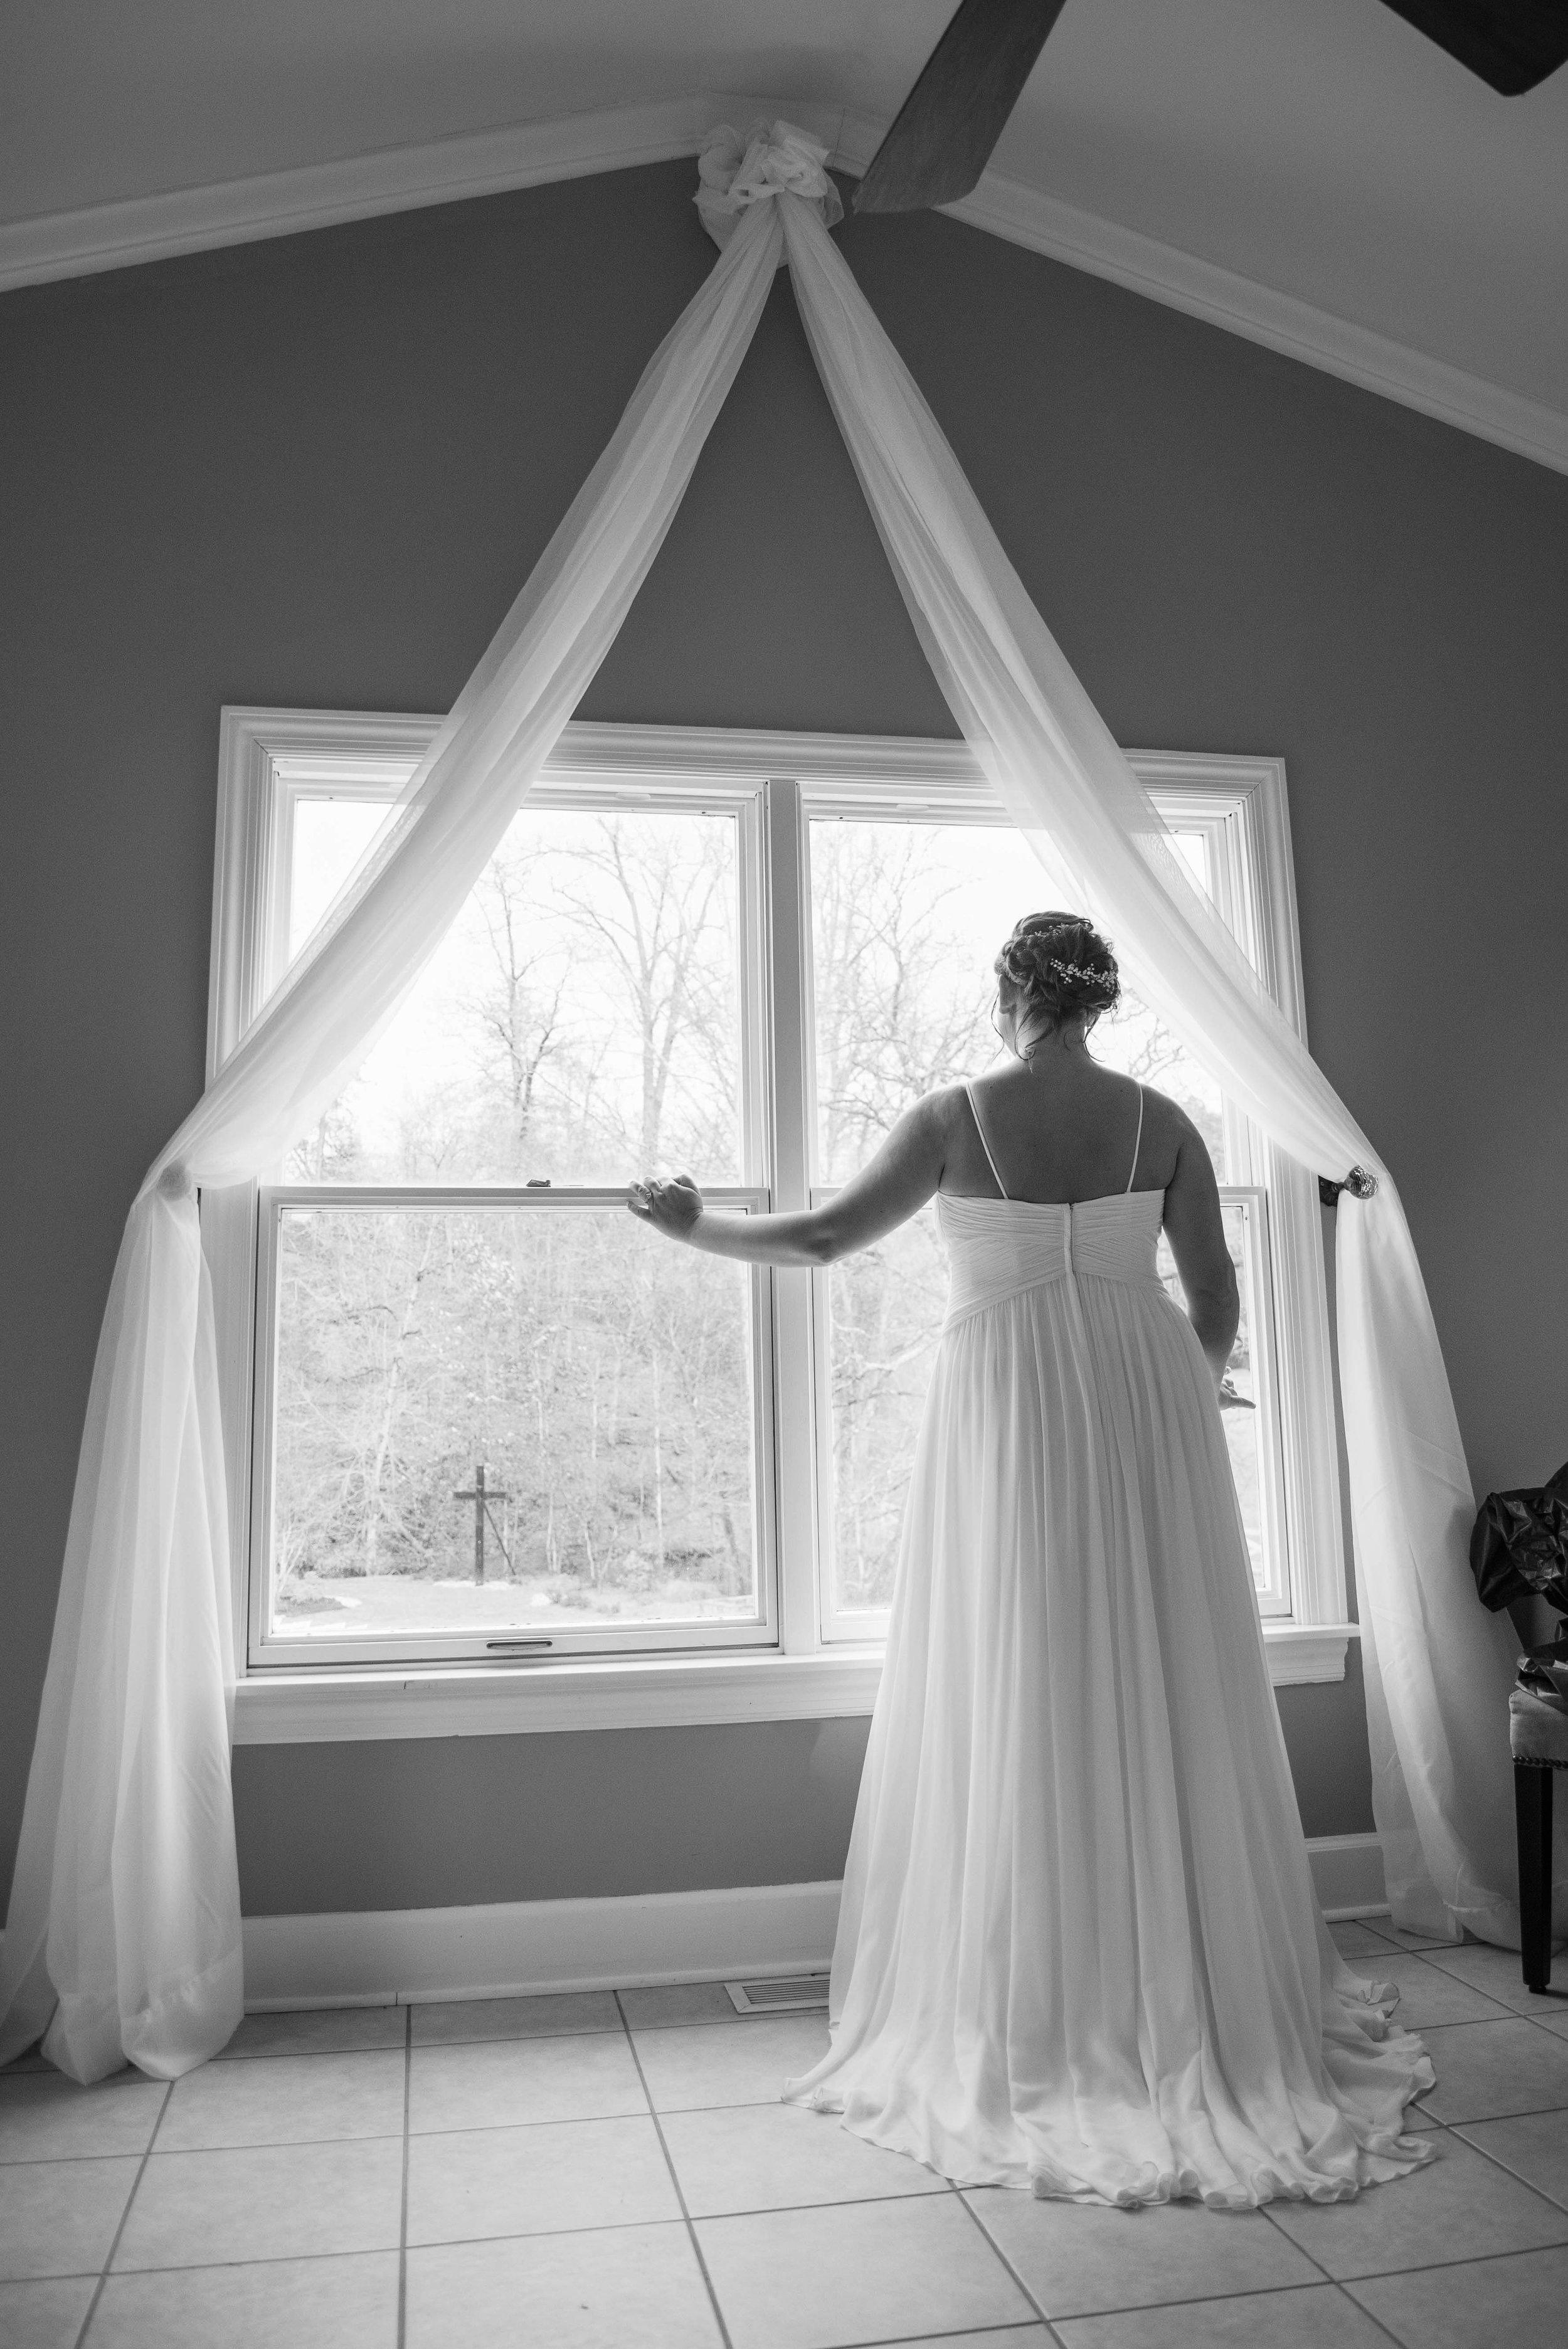 brideb&w.jpg